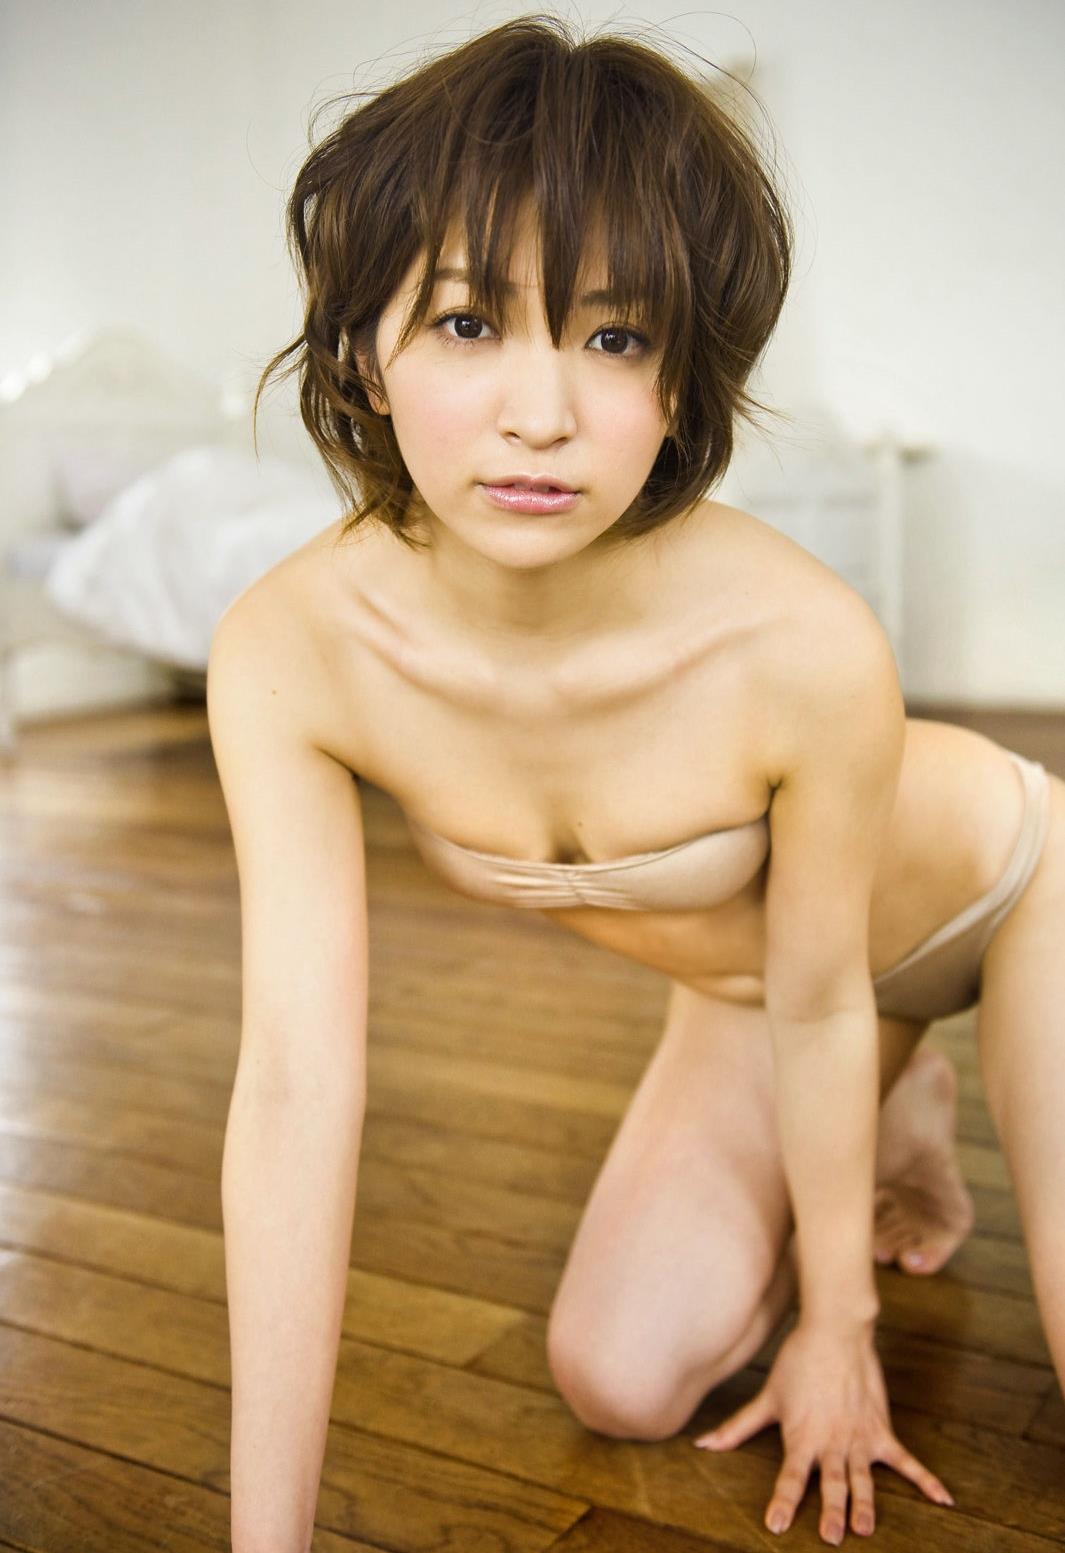 田中涼子 エロ画像 43